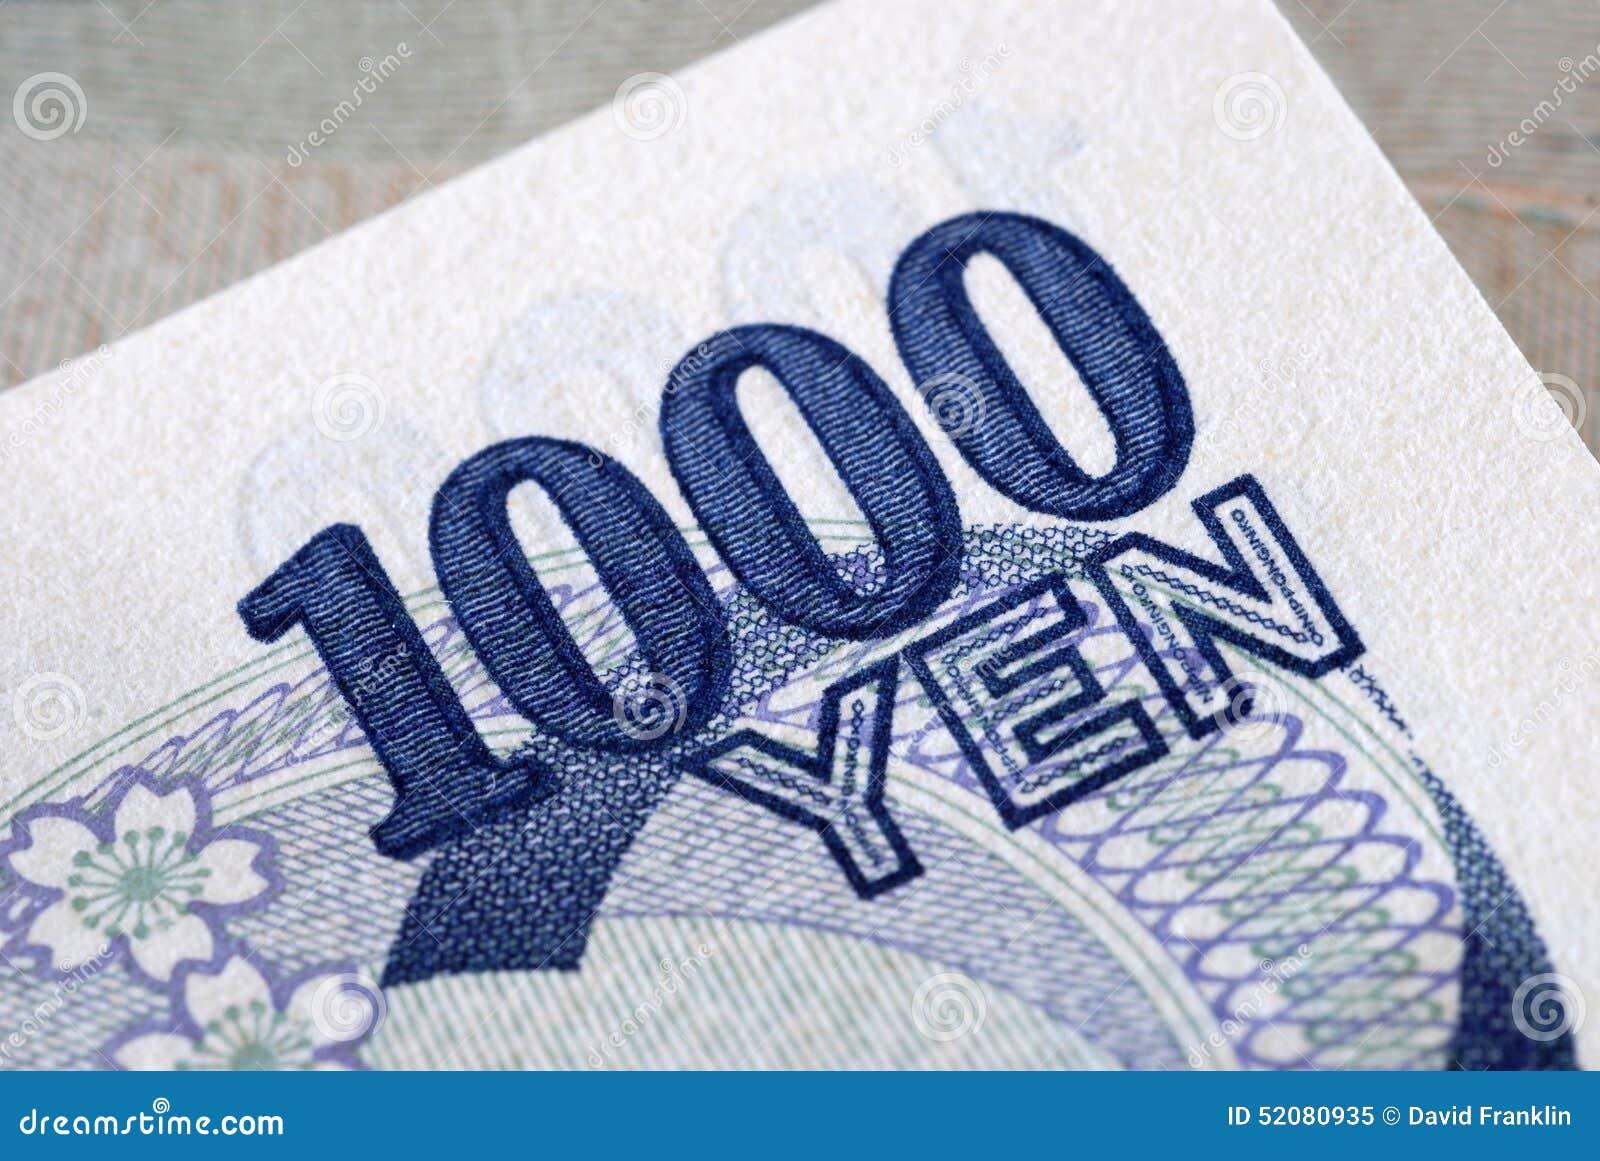 Yen 1000 detail